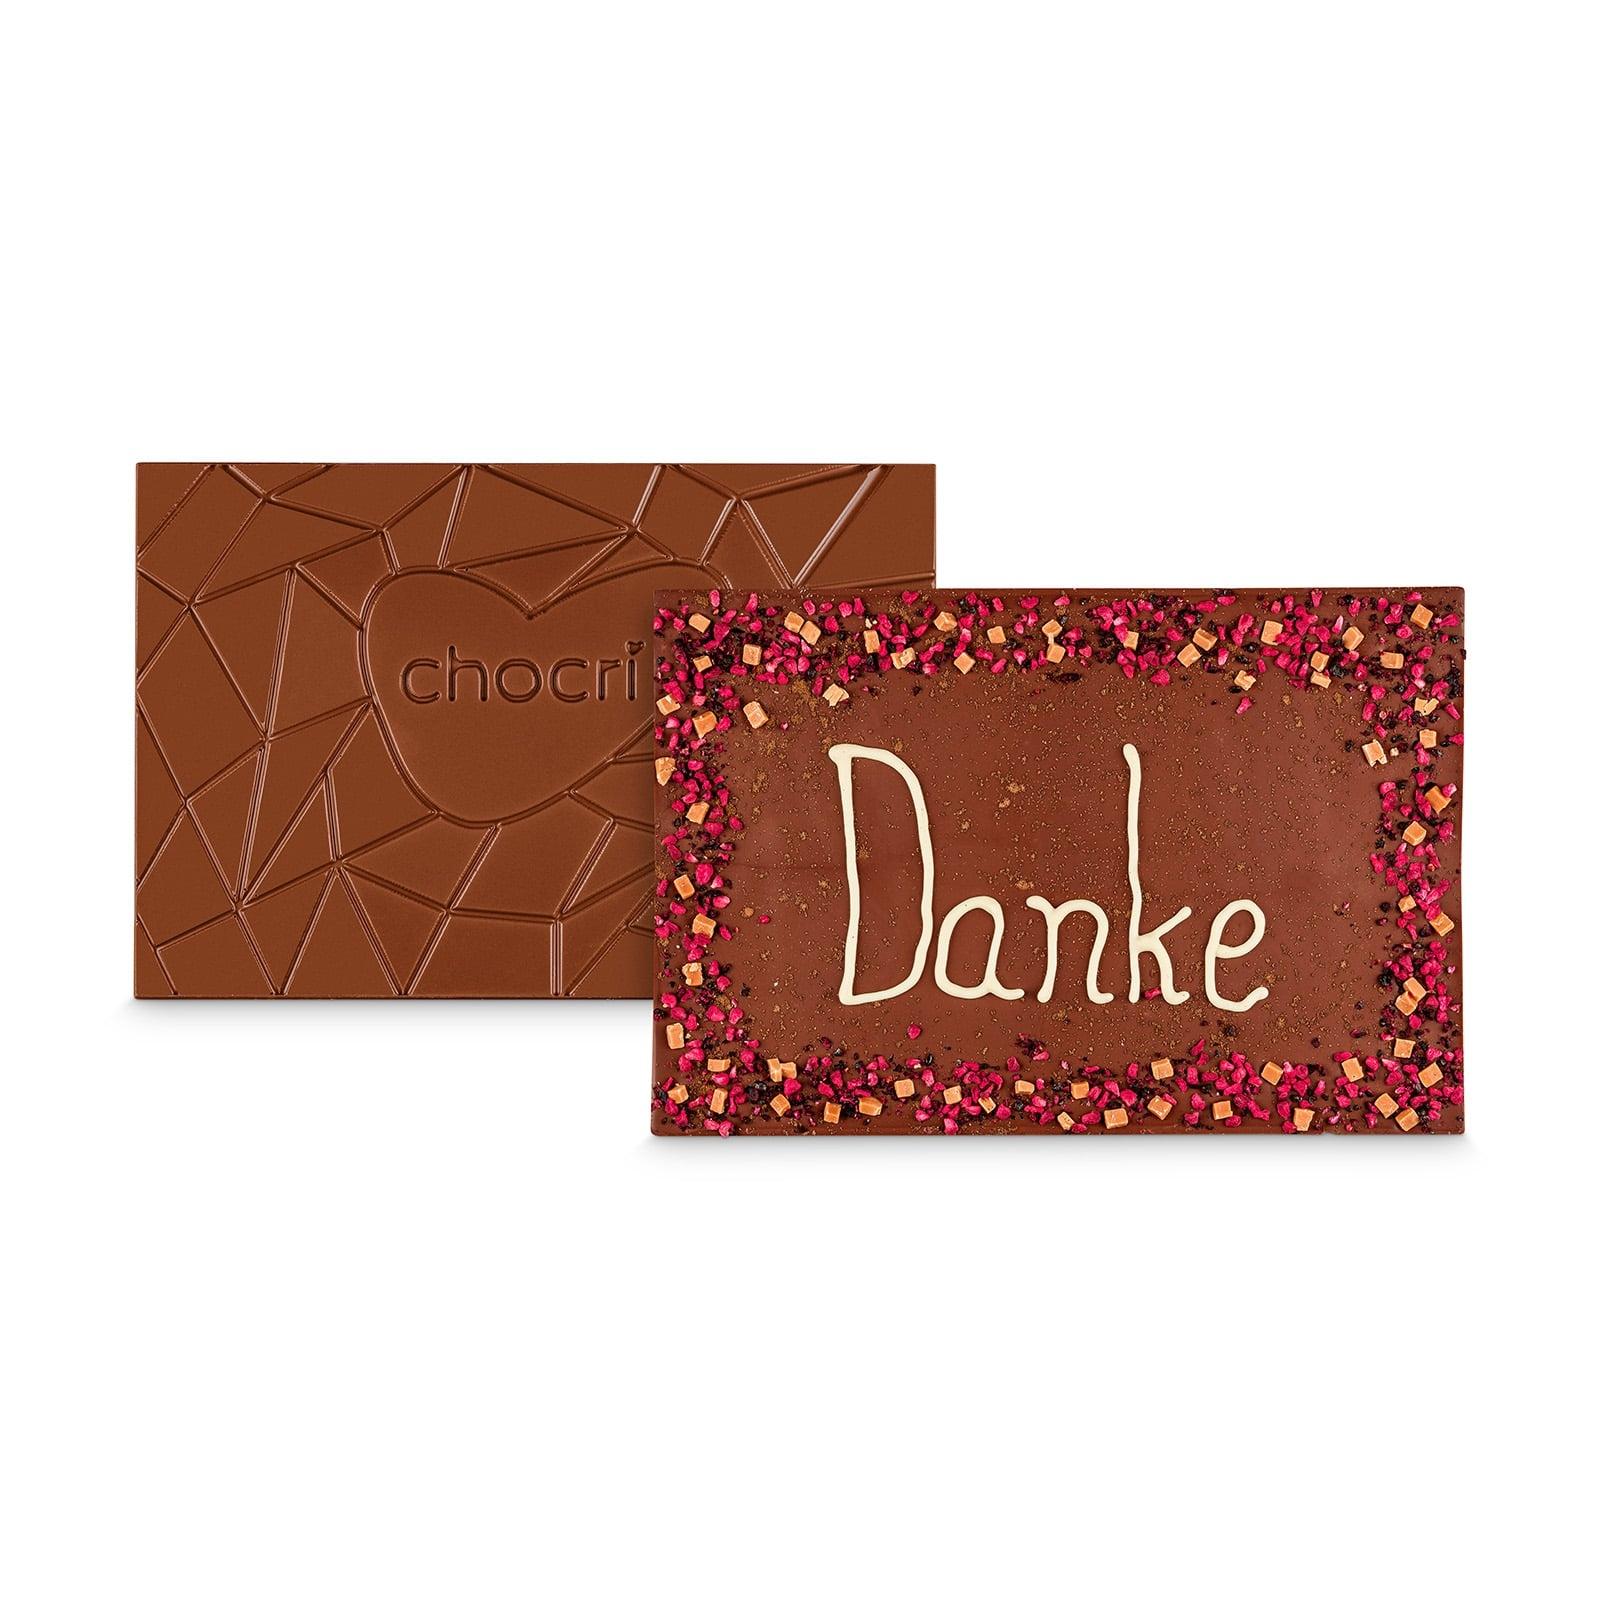 'Danke Schokolade' XXL Schokoladentafel mit Schokogruß in hochwertiger Holzbox